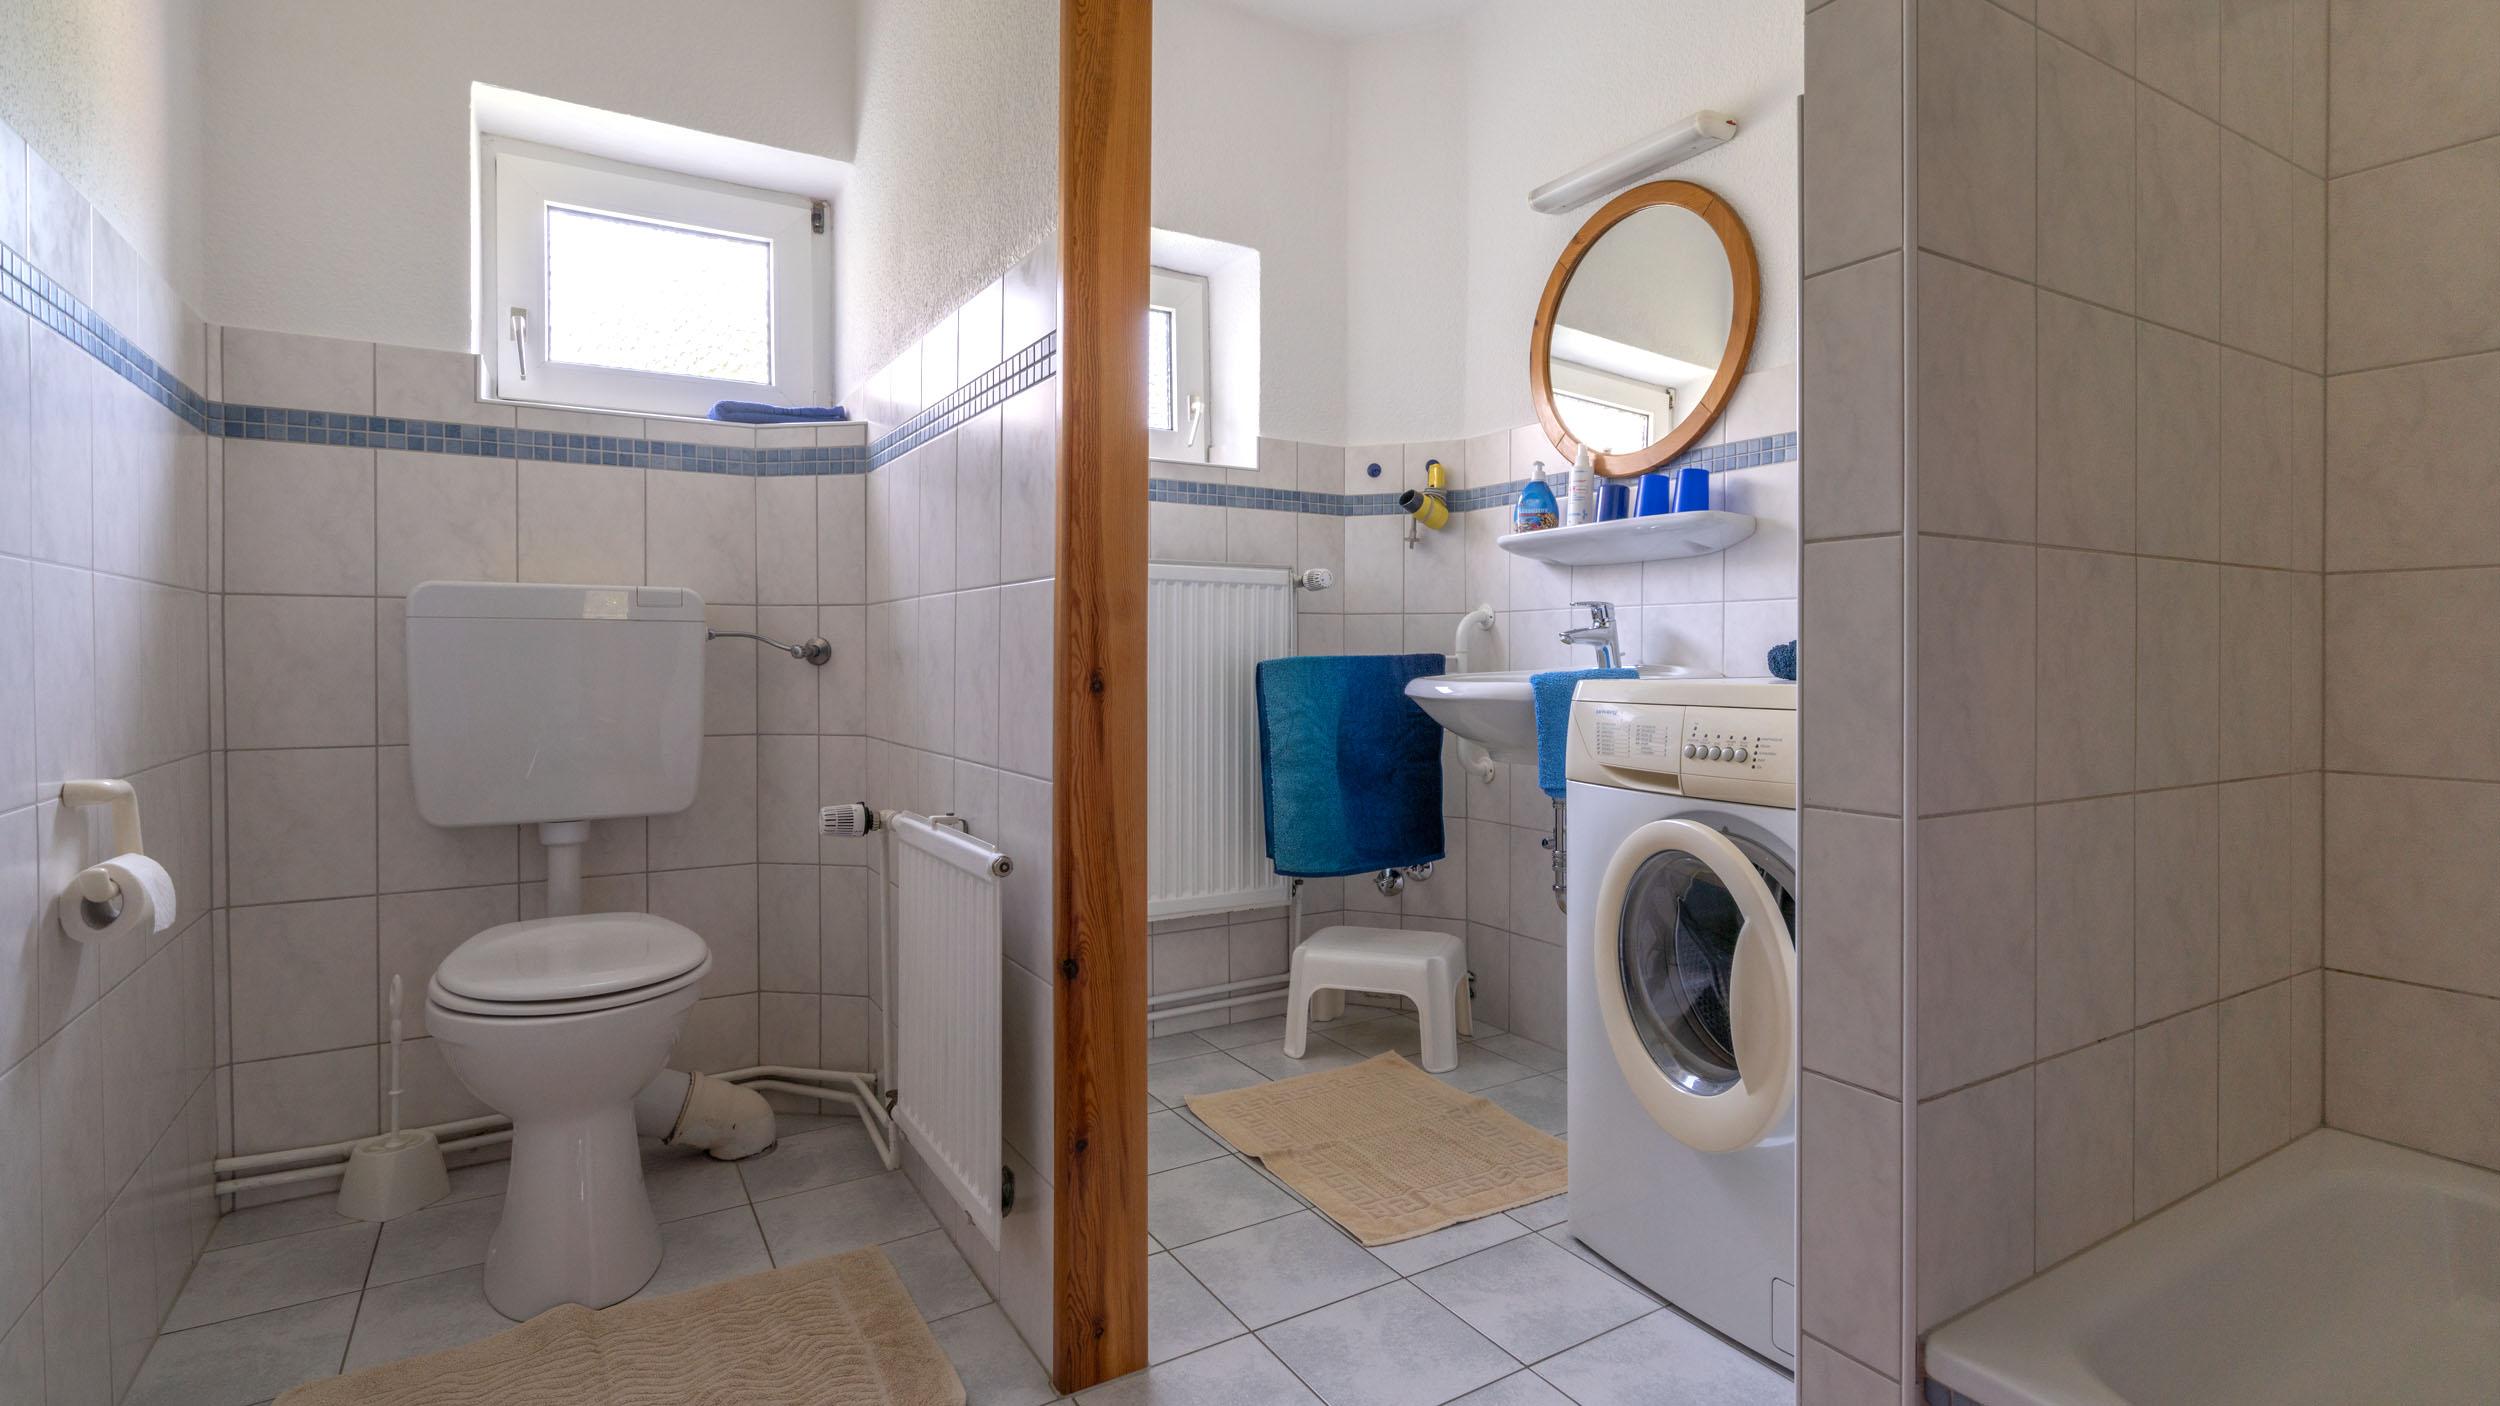 Haus Vogelkiek - Ferienwohnung Eiderente - Badezimmer